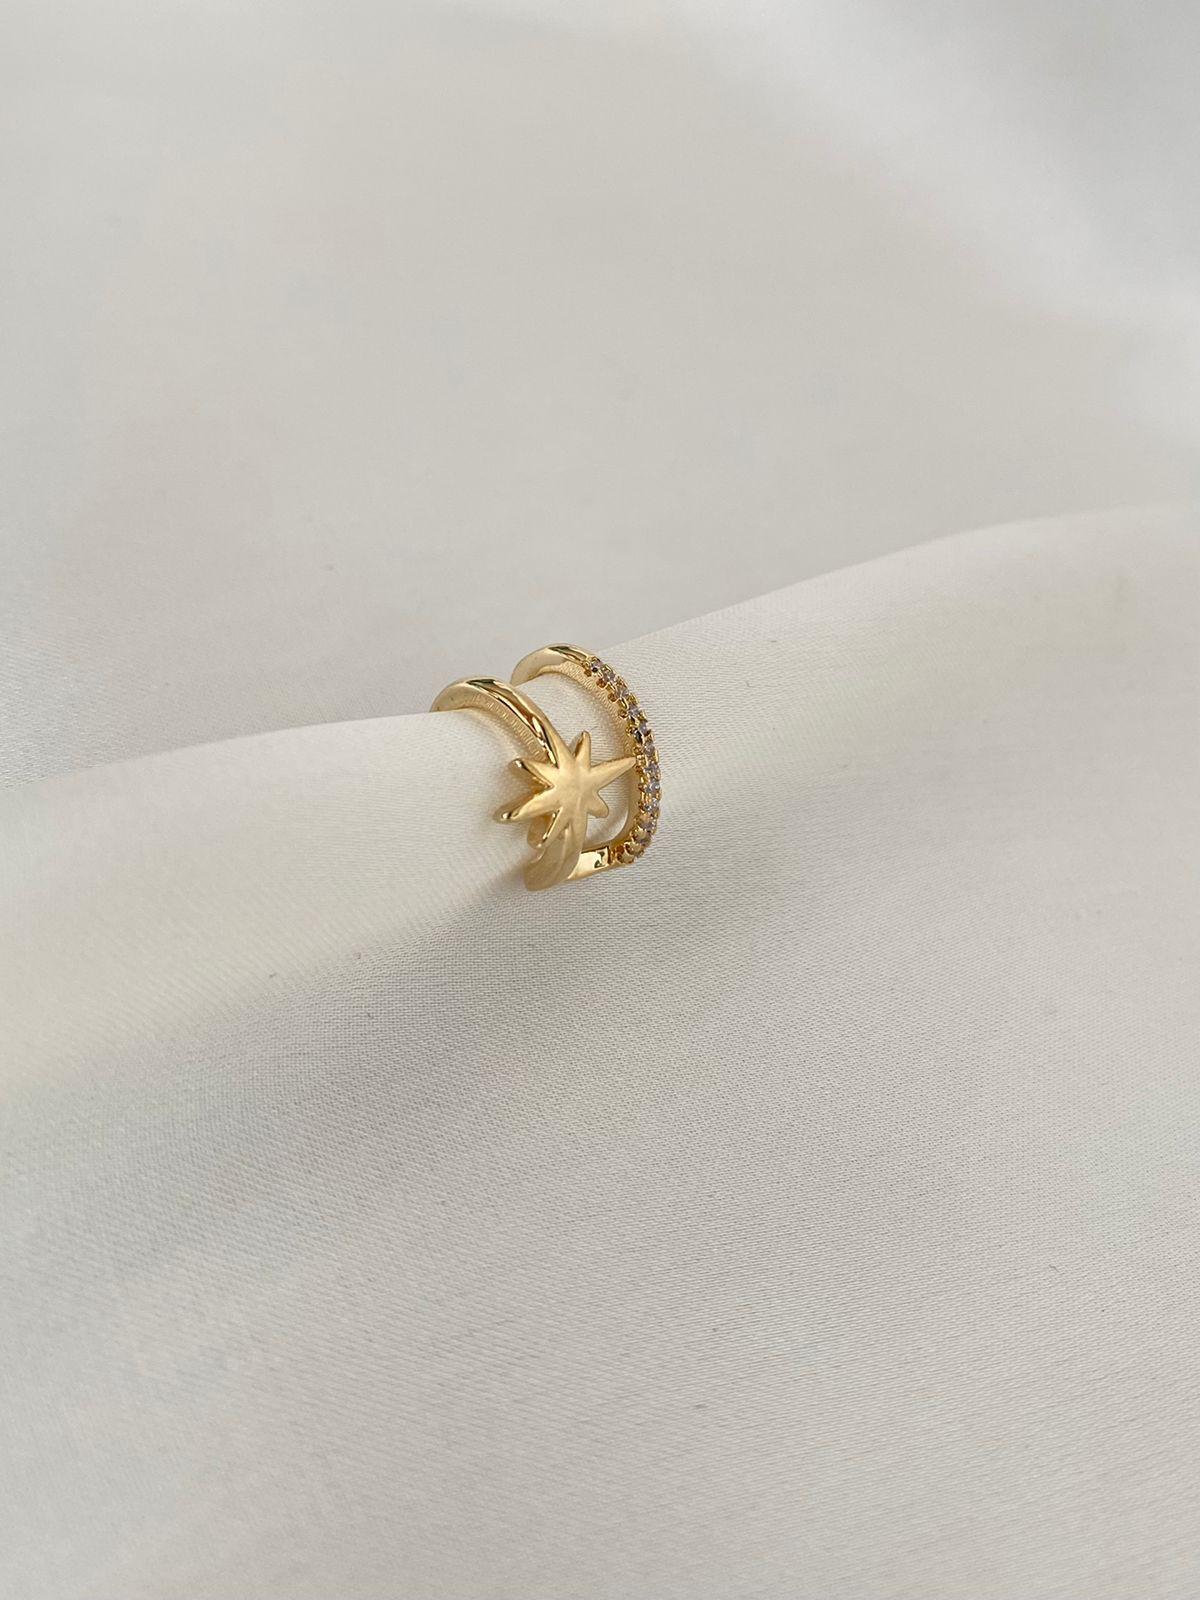 Piercing | Dourado | Cravejado | Estrela Vitoriana